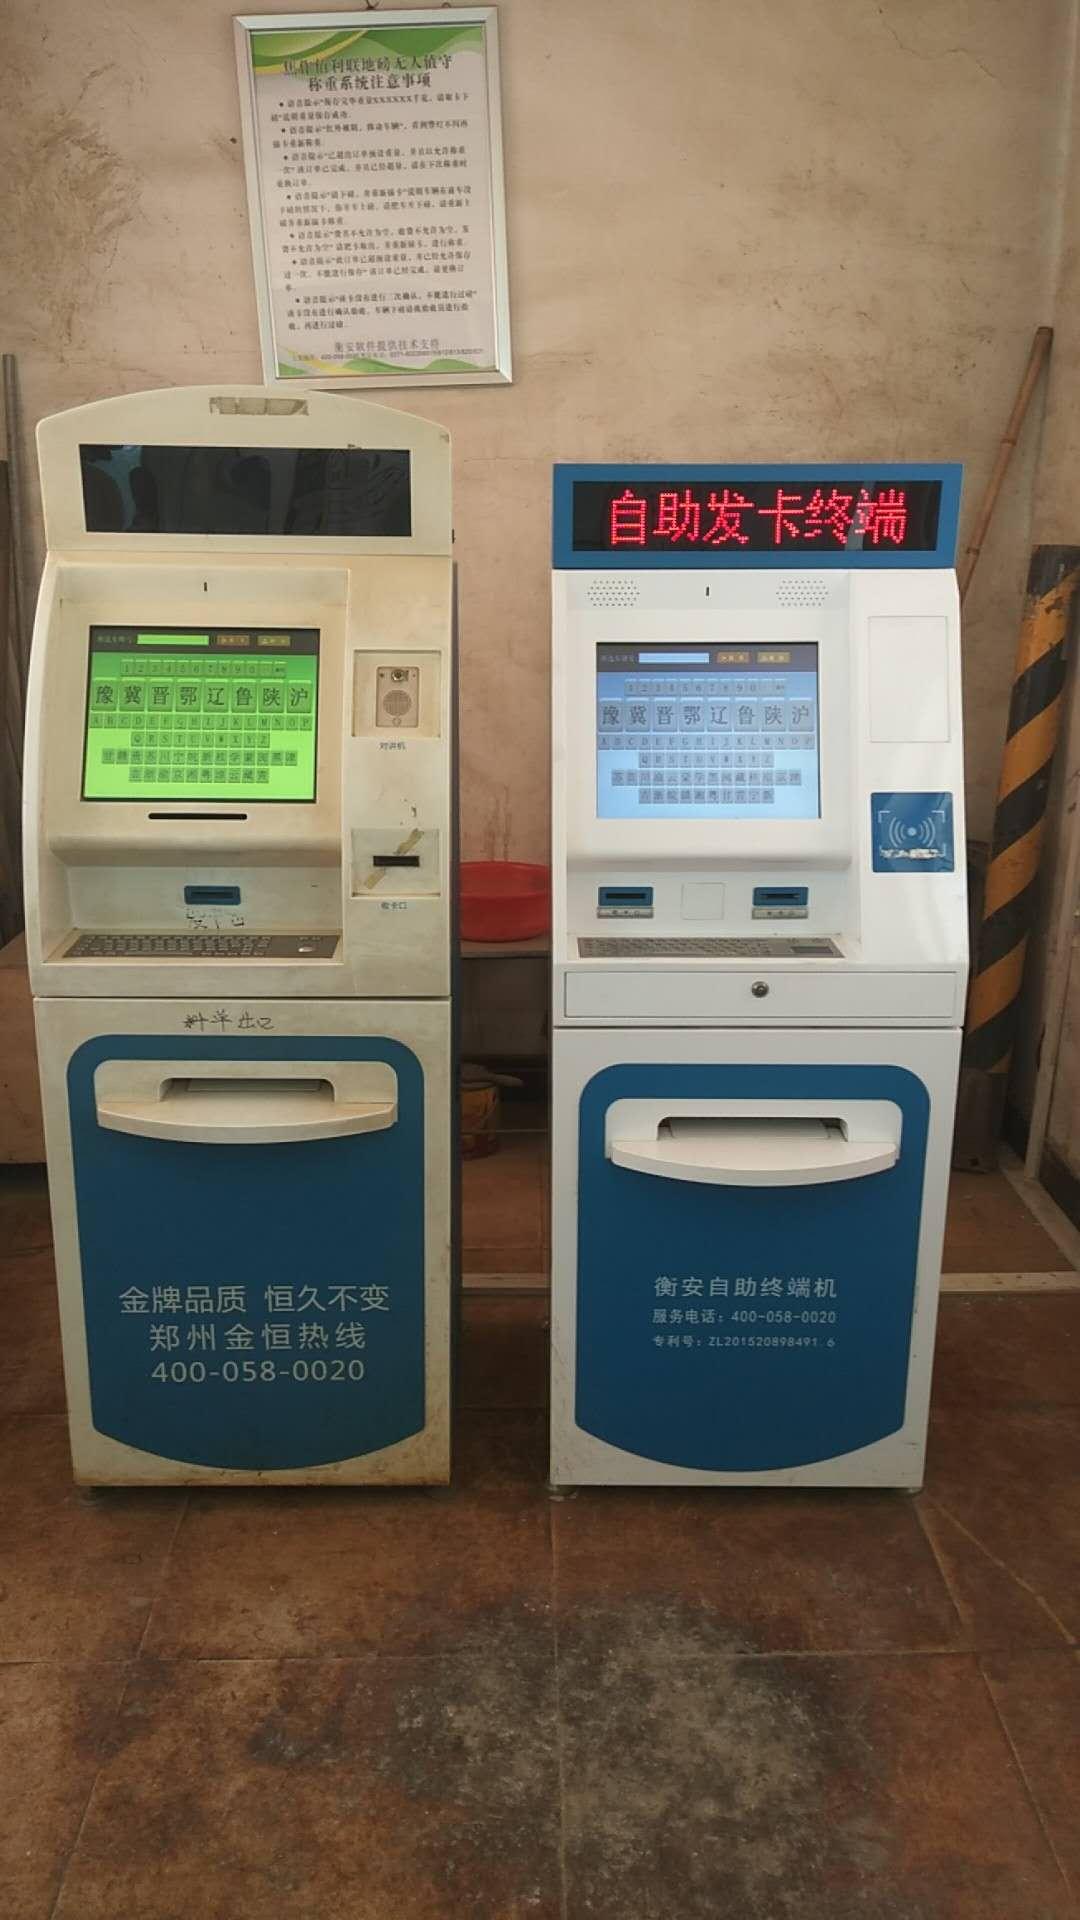 磅房称重软件-口碑好的磅房软件郑州哪里有售